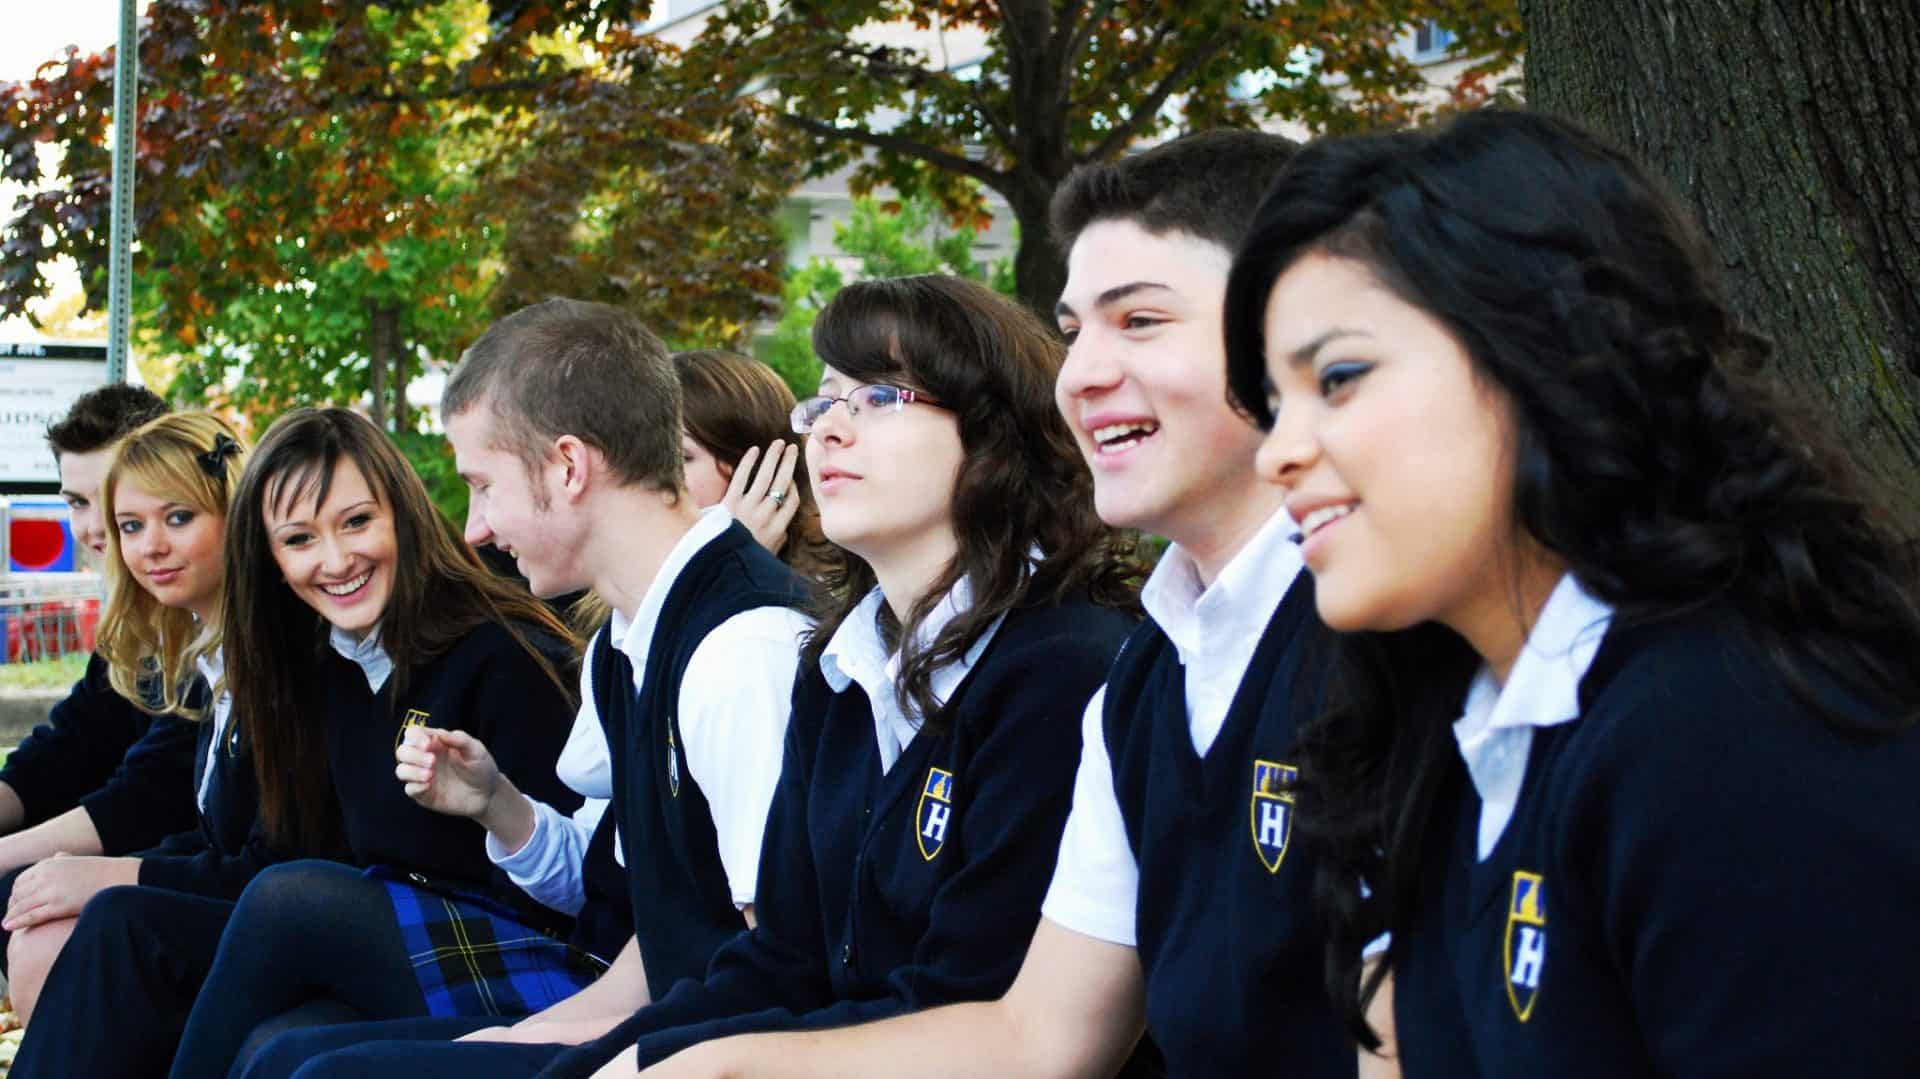 Обучение в канаде для русских после 11 класса и вуза: сколько стоит высшее образование — университеты, где есть бесплатная учеба для россиян — вне берега